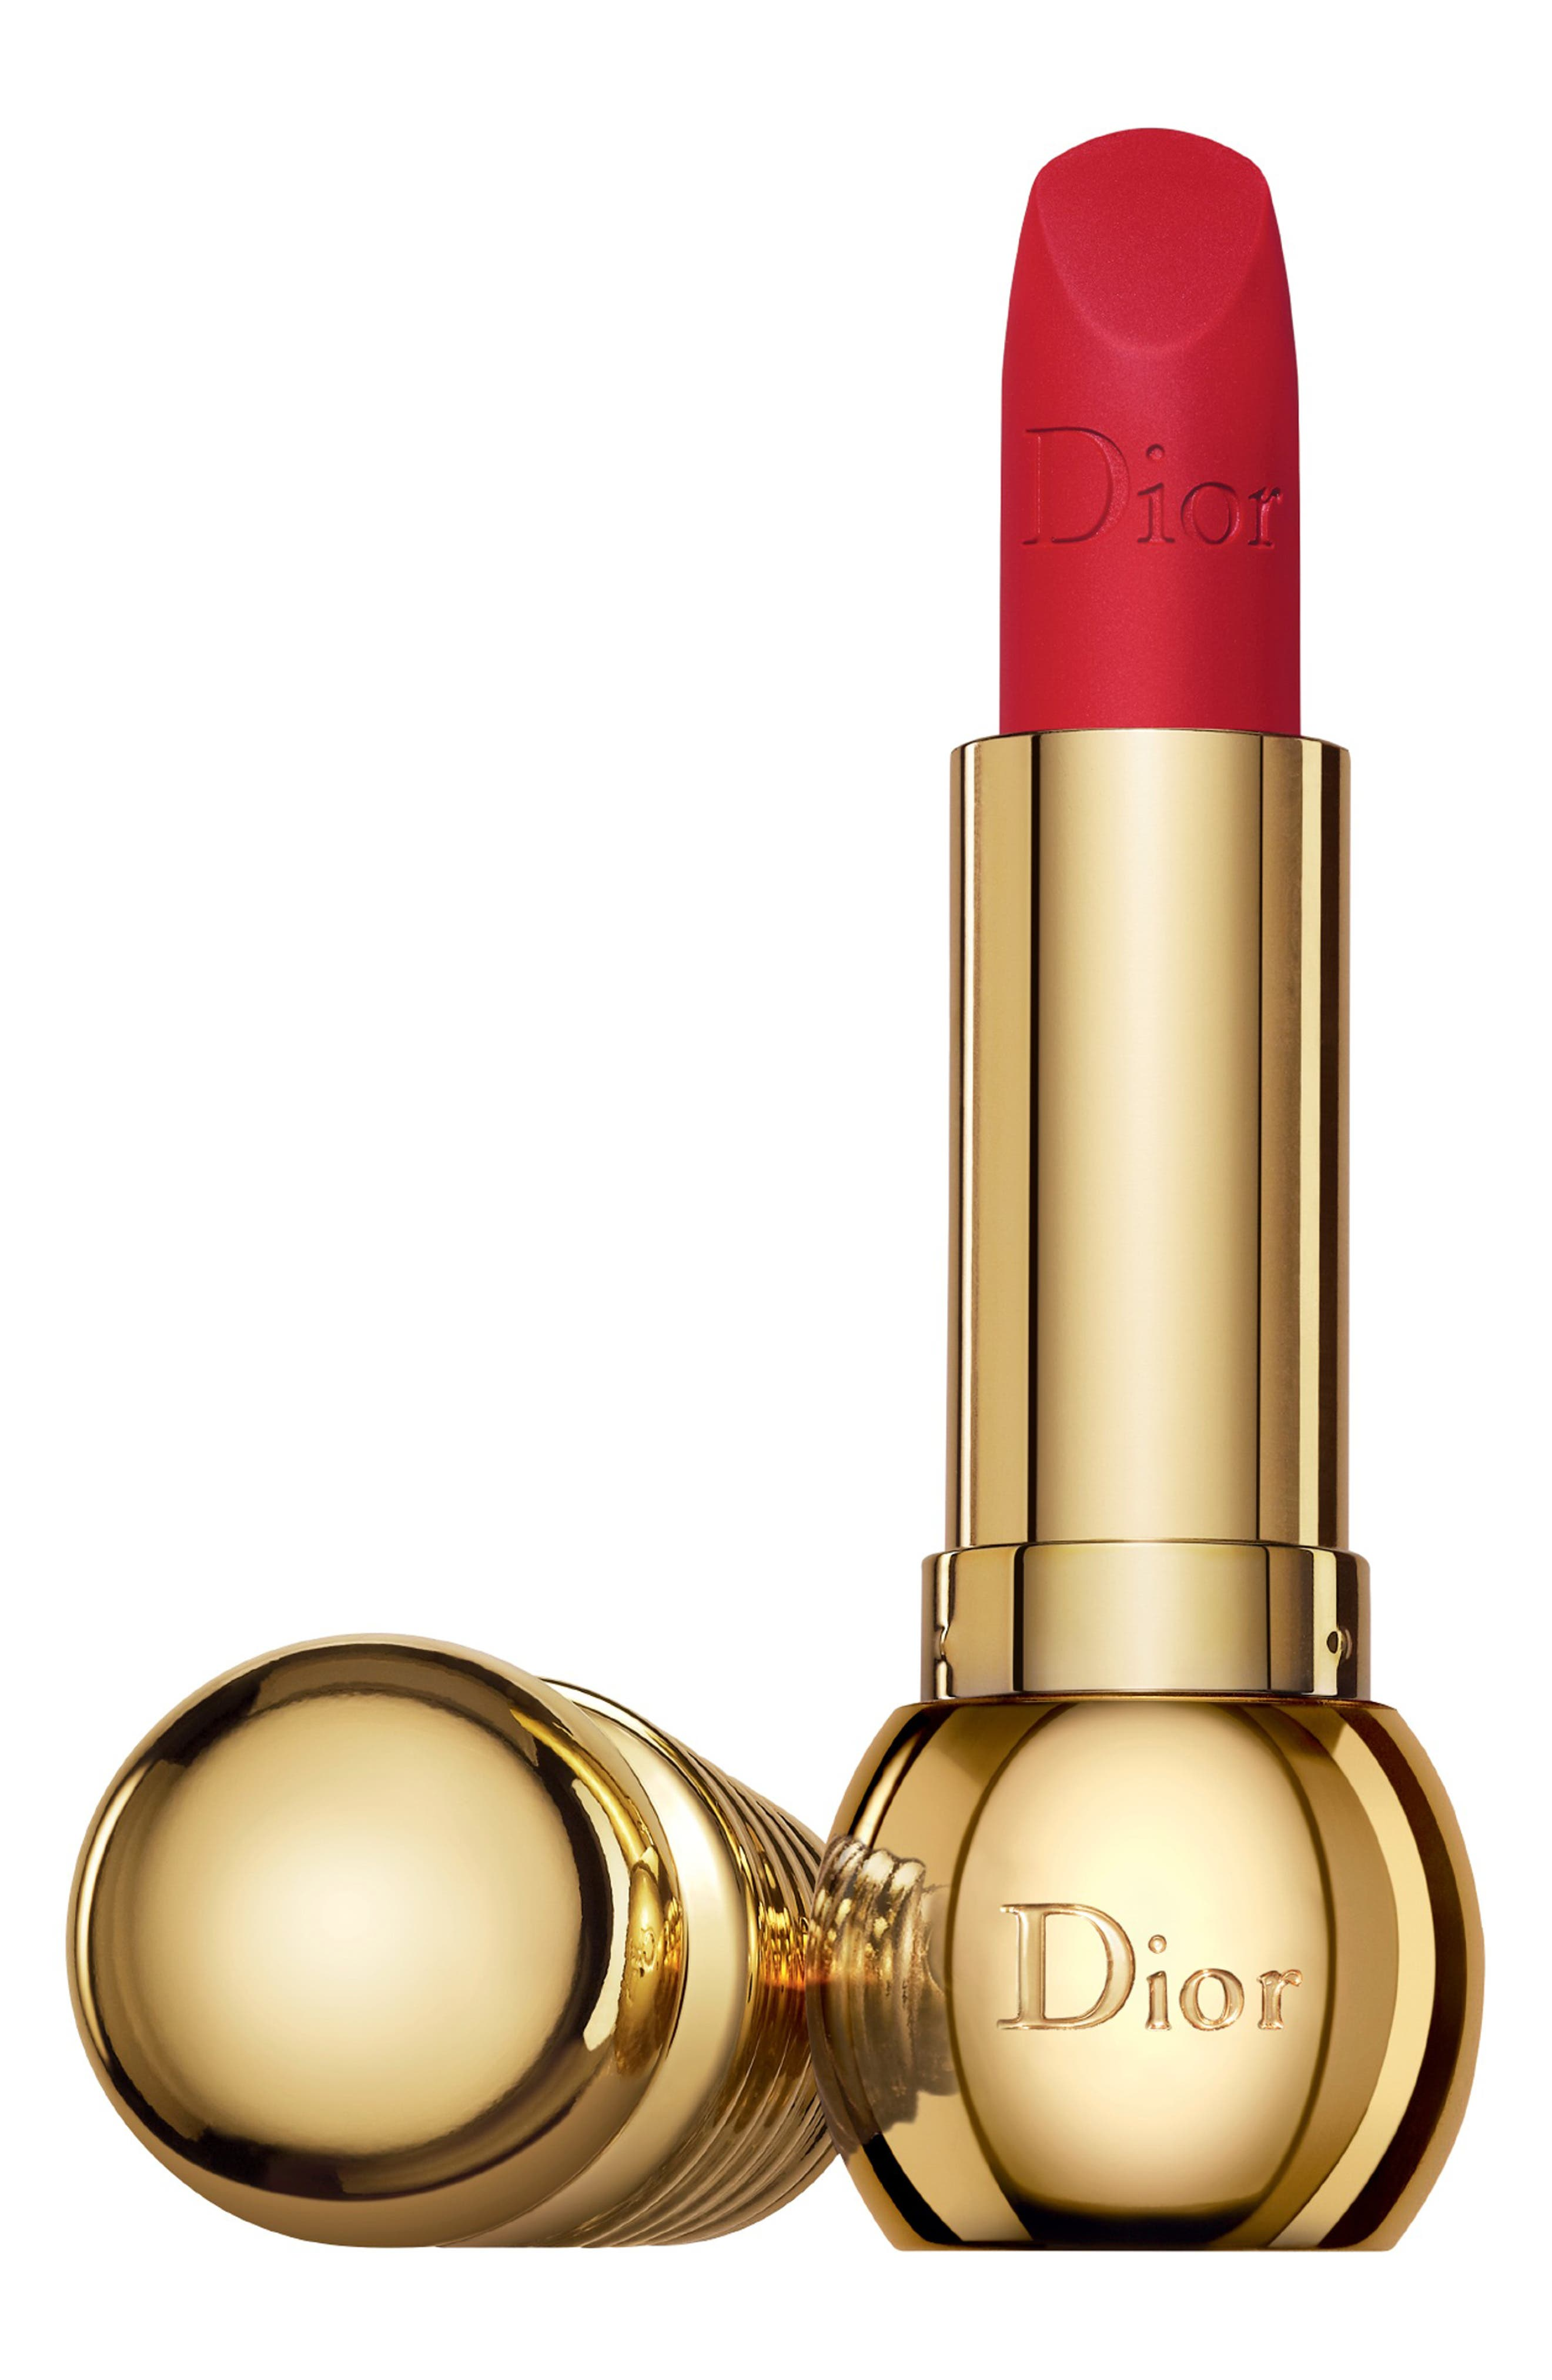 Dior Diorific Matte Velvet Color Lipstick - 550 Desirable